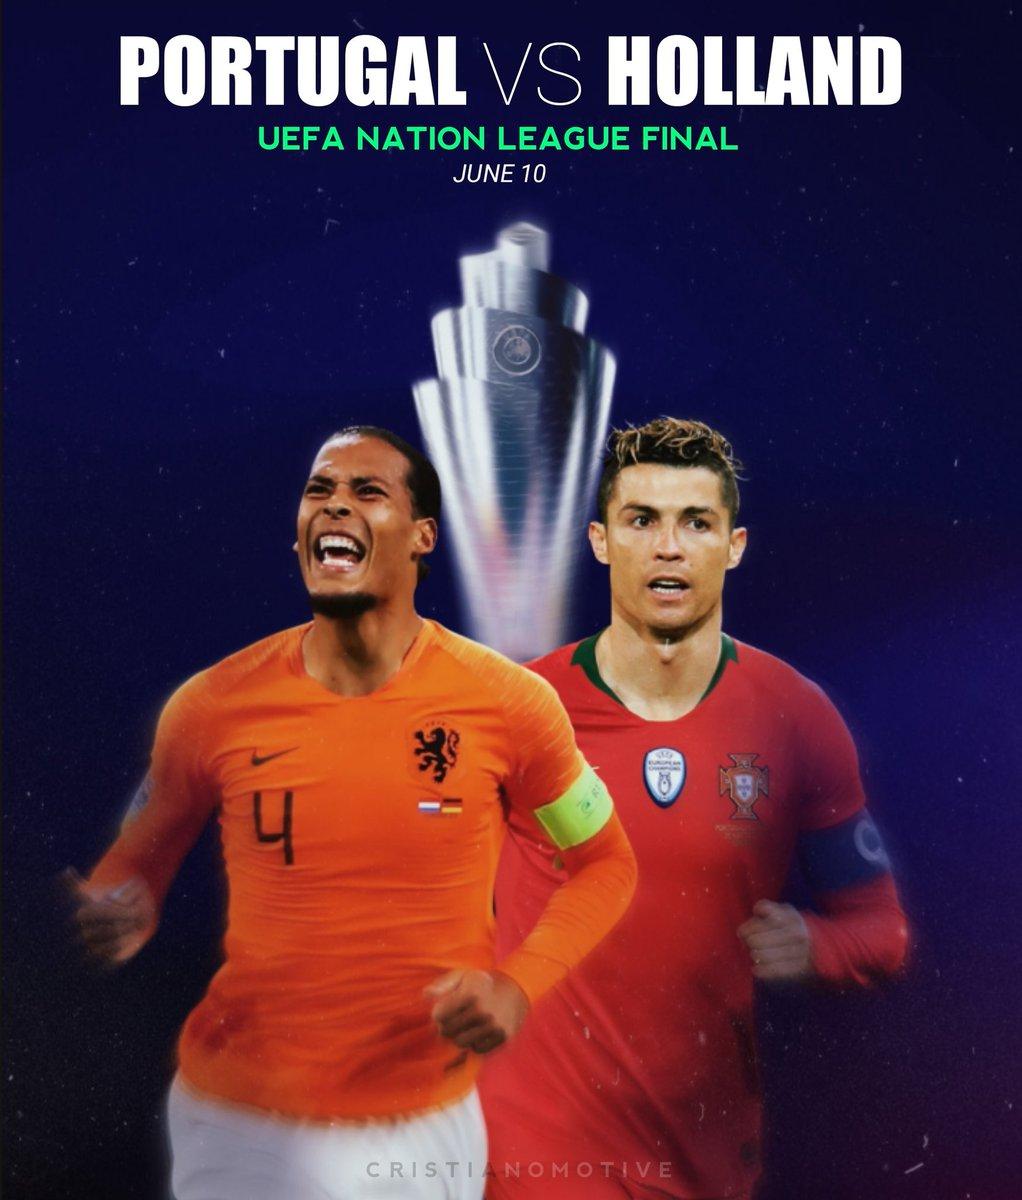 Liga de las naciones de la UEFA (6 Septiembre 2018 al 9 Junio 2019) - Página 6 D8dnSG6UYAIWpKK